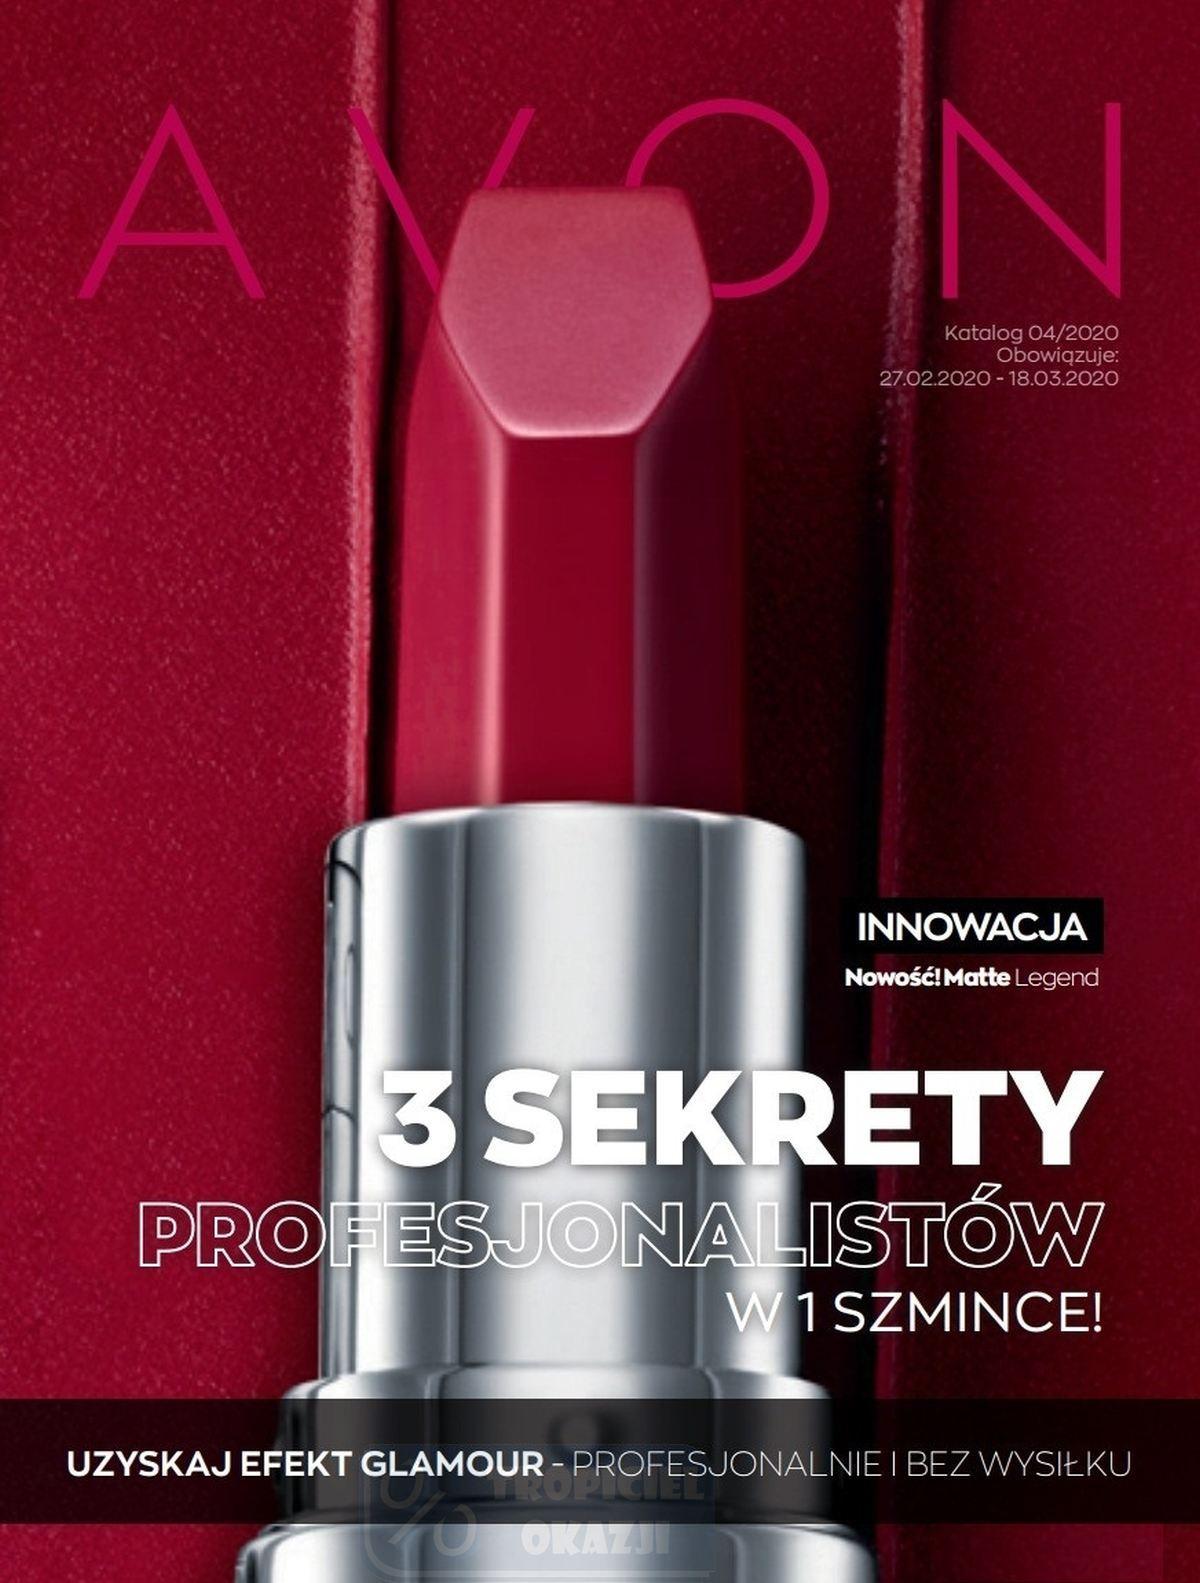 Gazetka promocyjna Avon do 18/03/2020 str.1